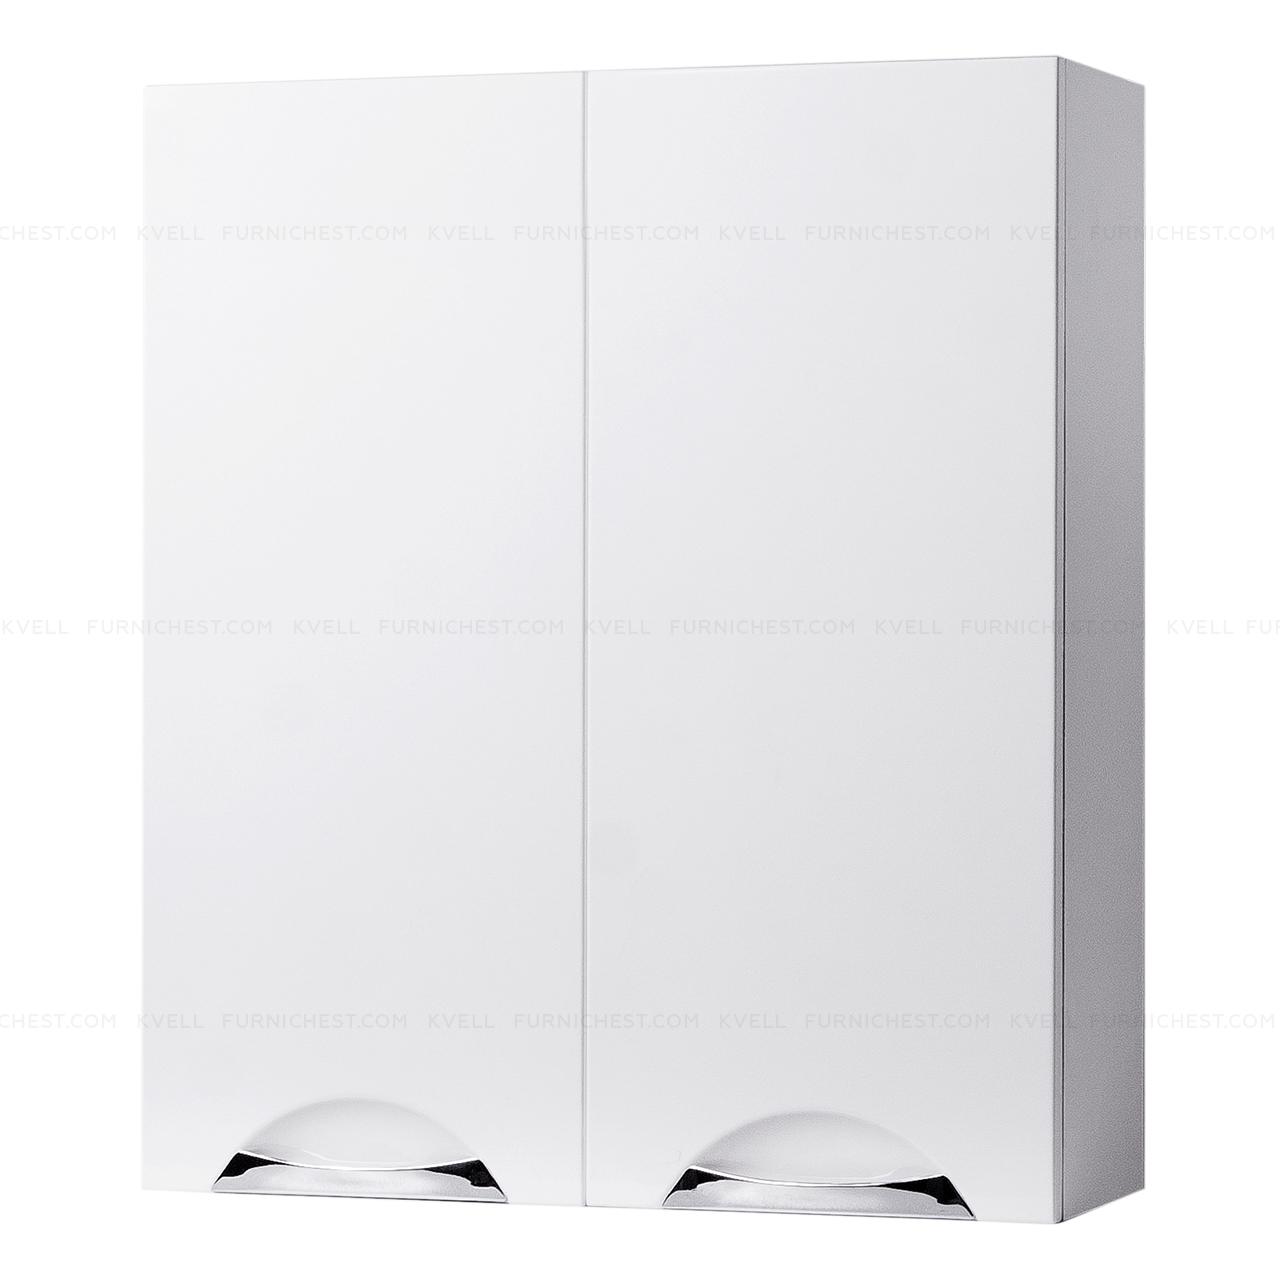 Навесной шкафчик с двумя дверками для ванной комнаты ГРАЦИЯ 55 (белый)